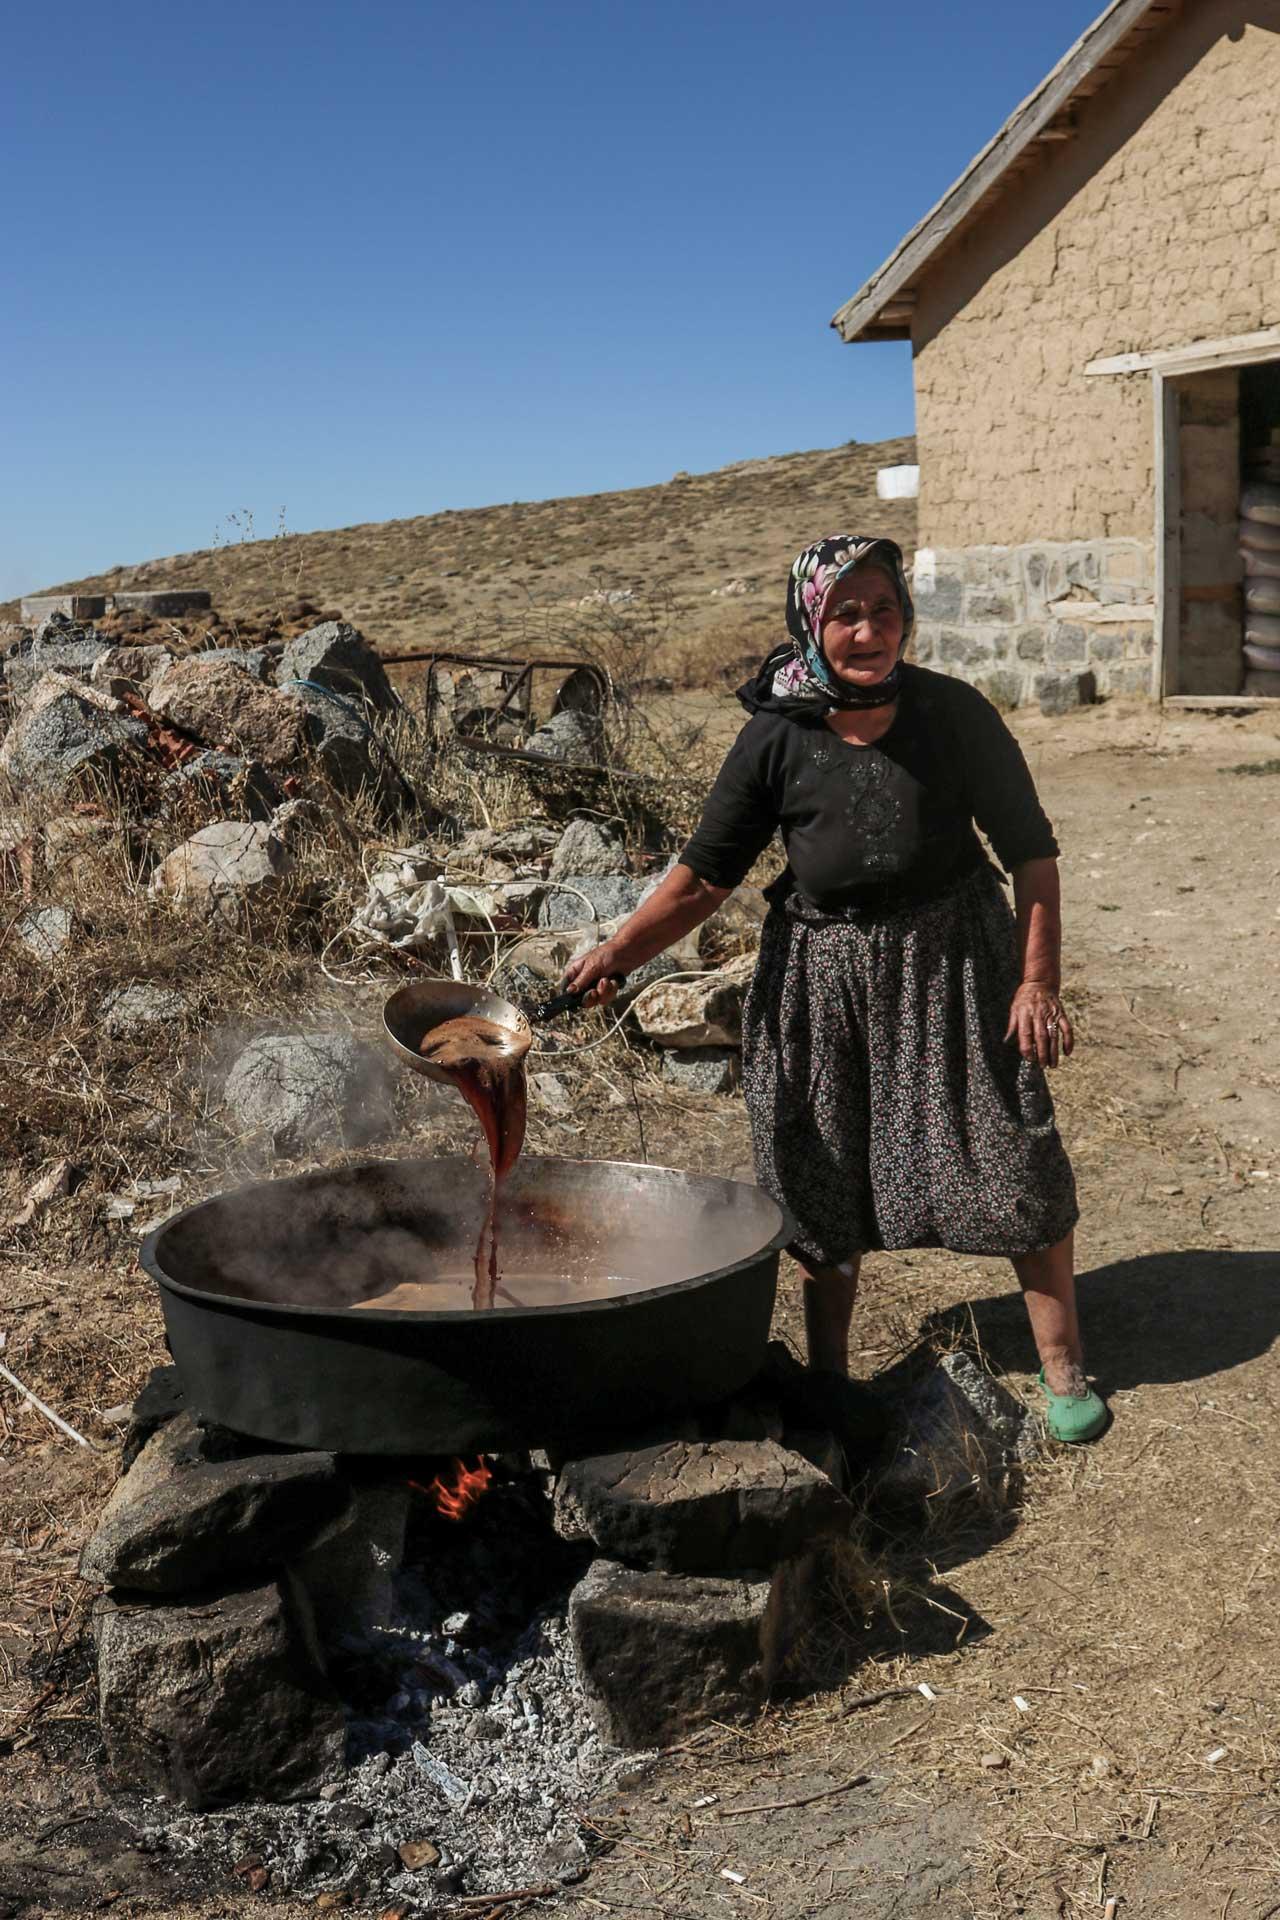 Kırşehir Kaman Fotoğrafları Pekmezci Teyze Çekergezer Hakan Aydın Fotoğrafları Gezgin Fotoğrafçı www.cekergezer.com